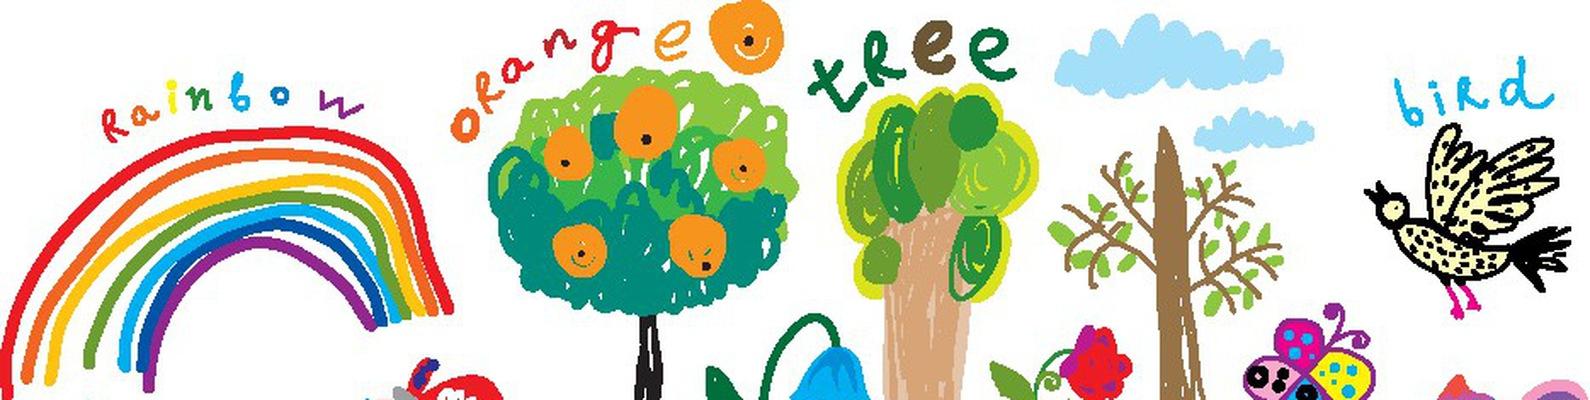 Открытки, нарисовать смешной рисунок на тему зачем я учу английский язык